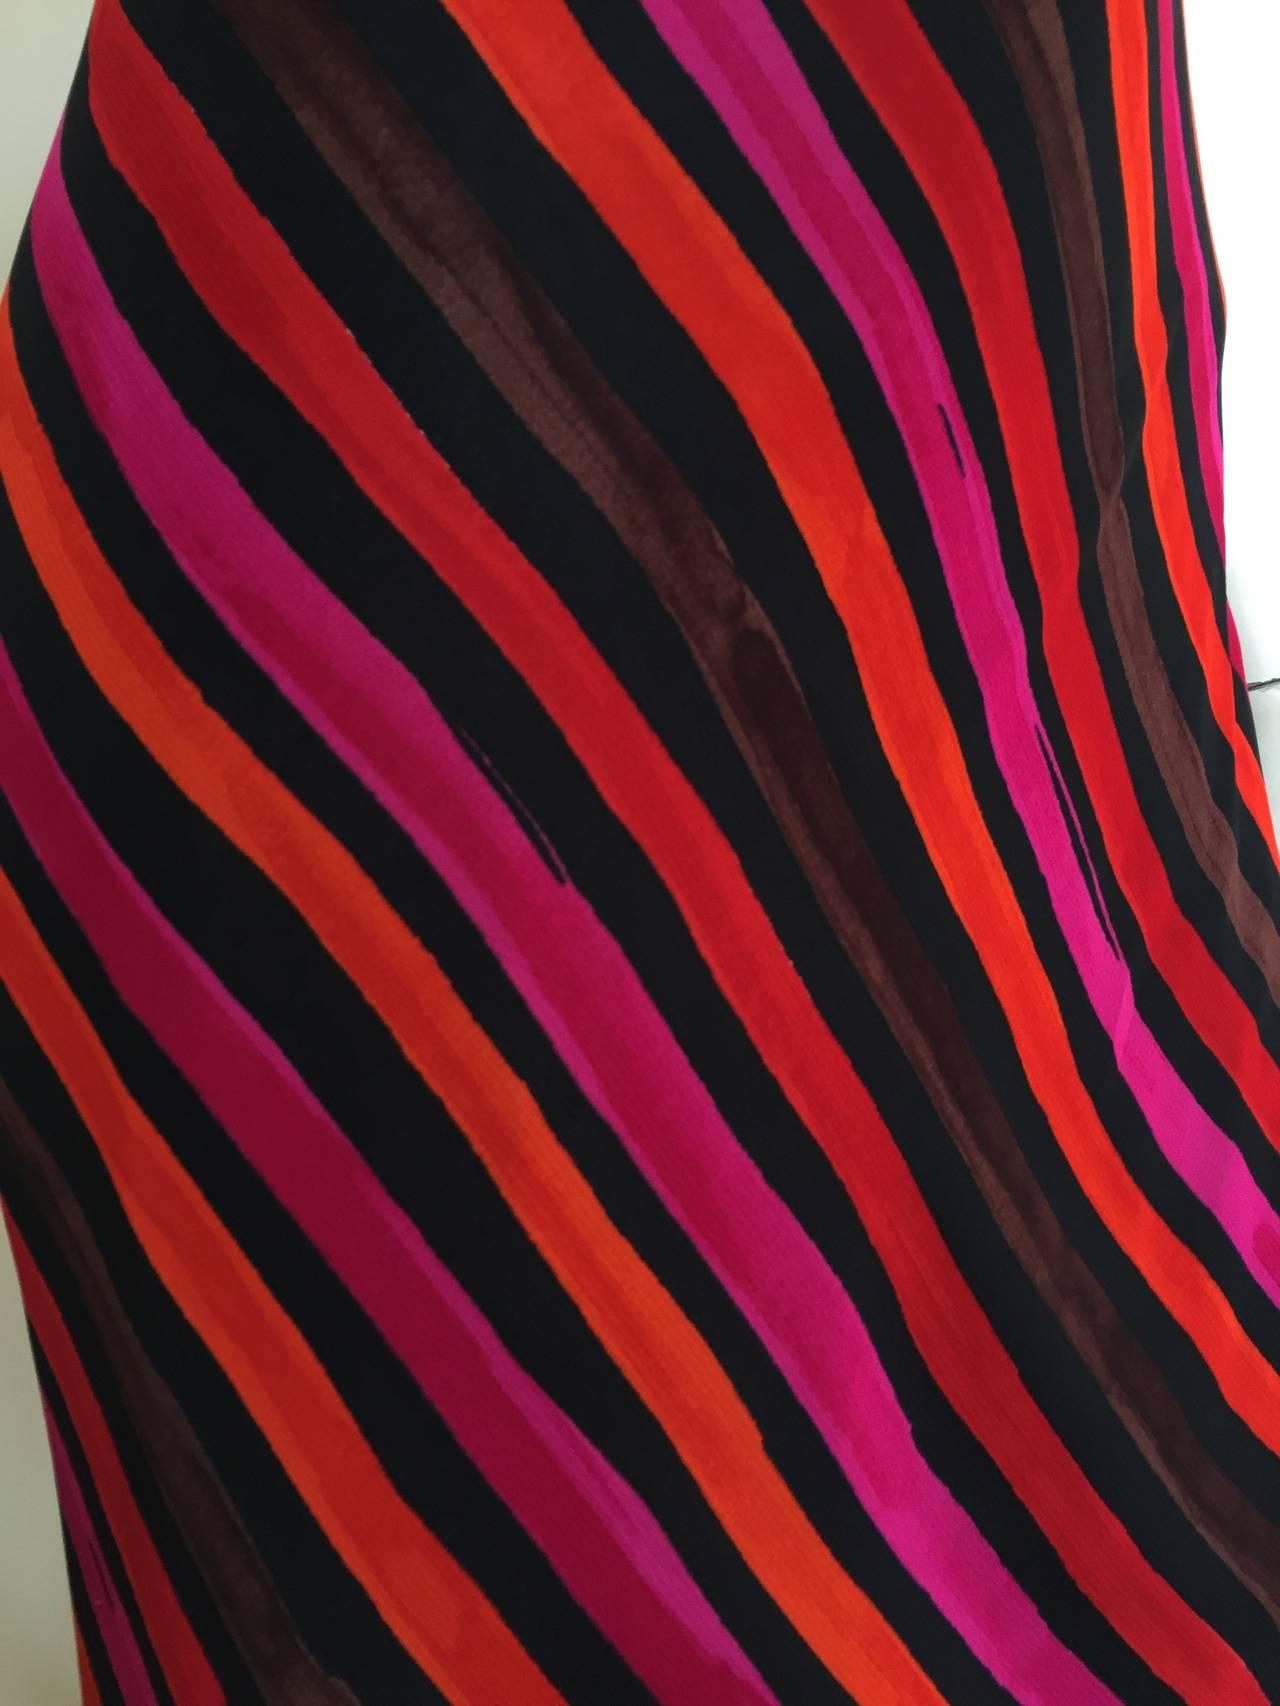 Sonia Rykiel  Striped Dress Size 4 / 6. For Sale 1